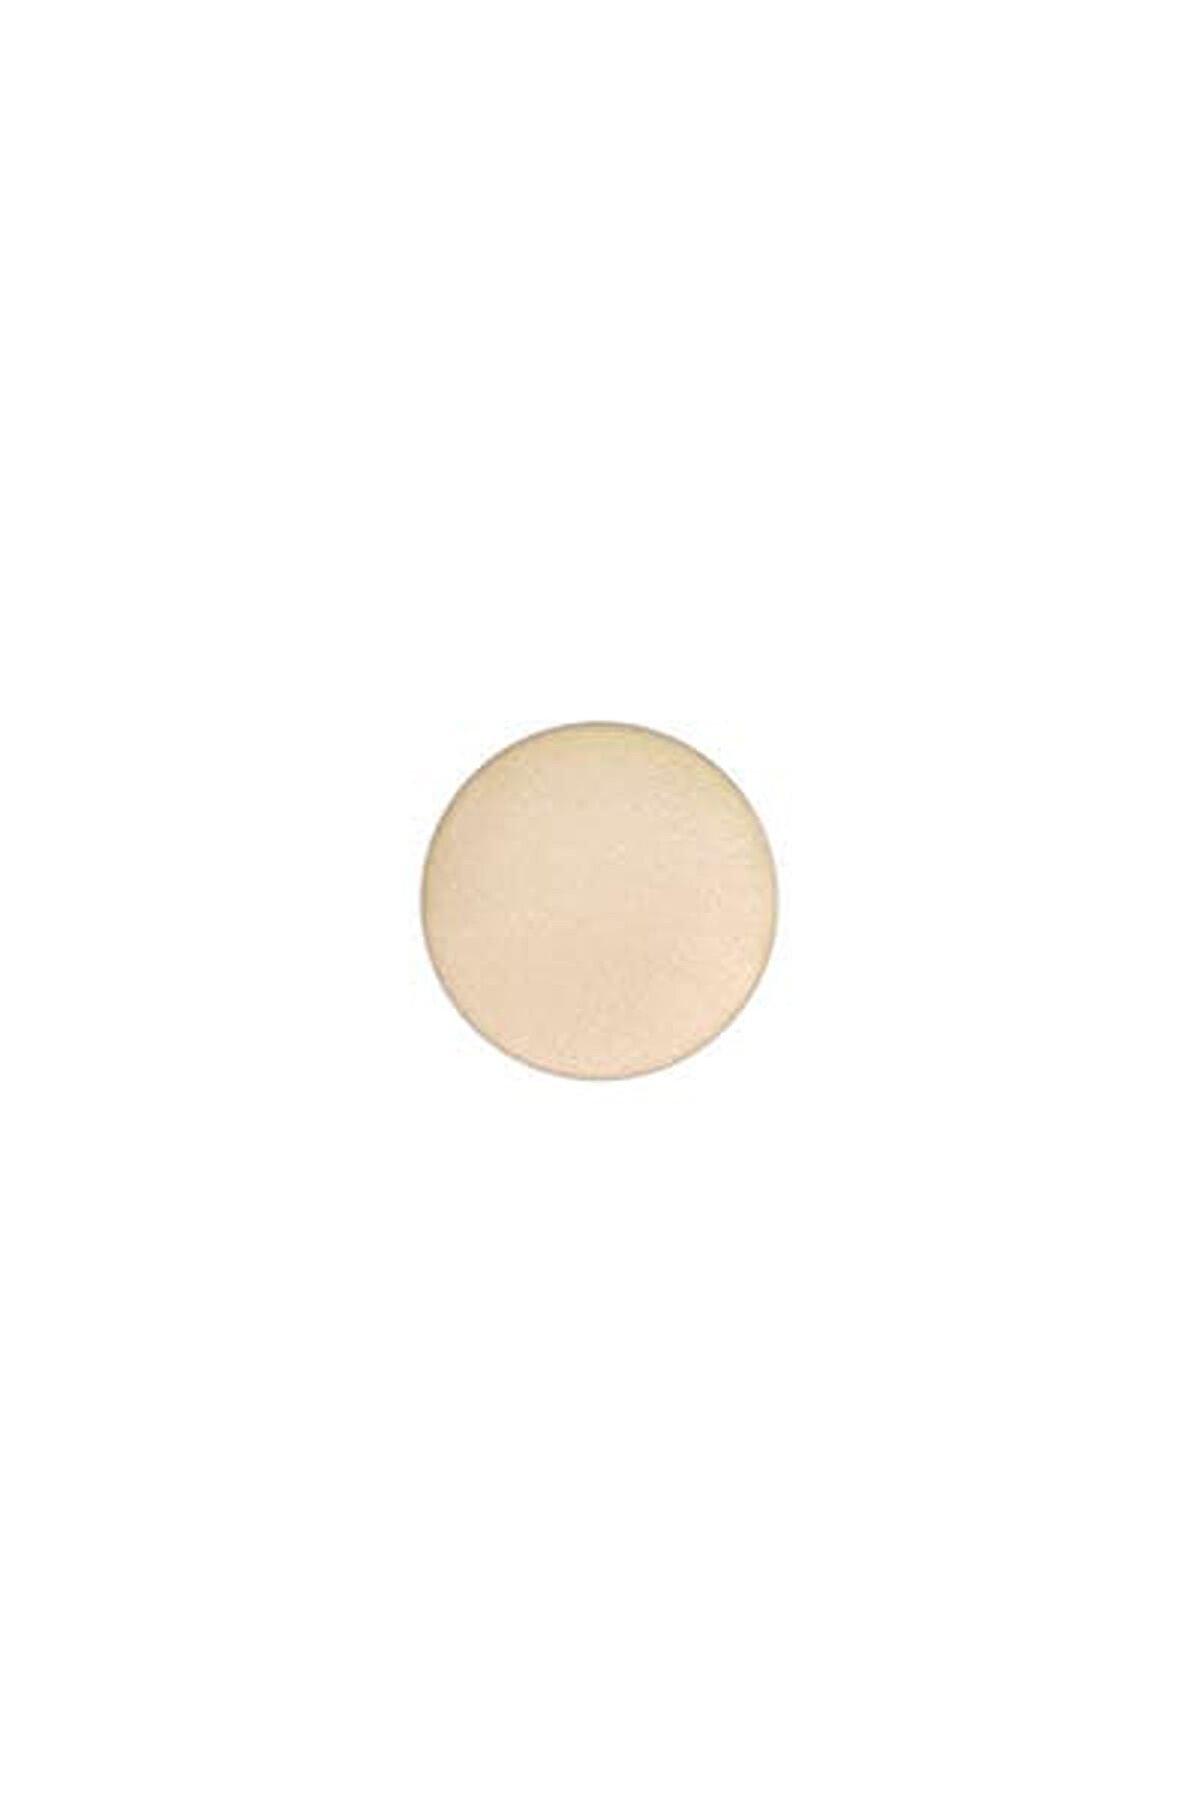 Mac Göz Farı - Refill Far Nylon 1.5 g 773602964277